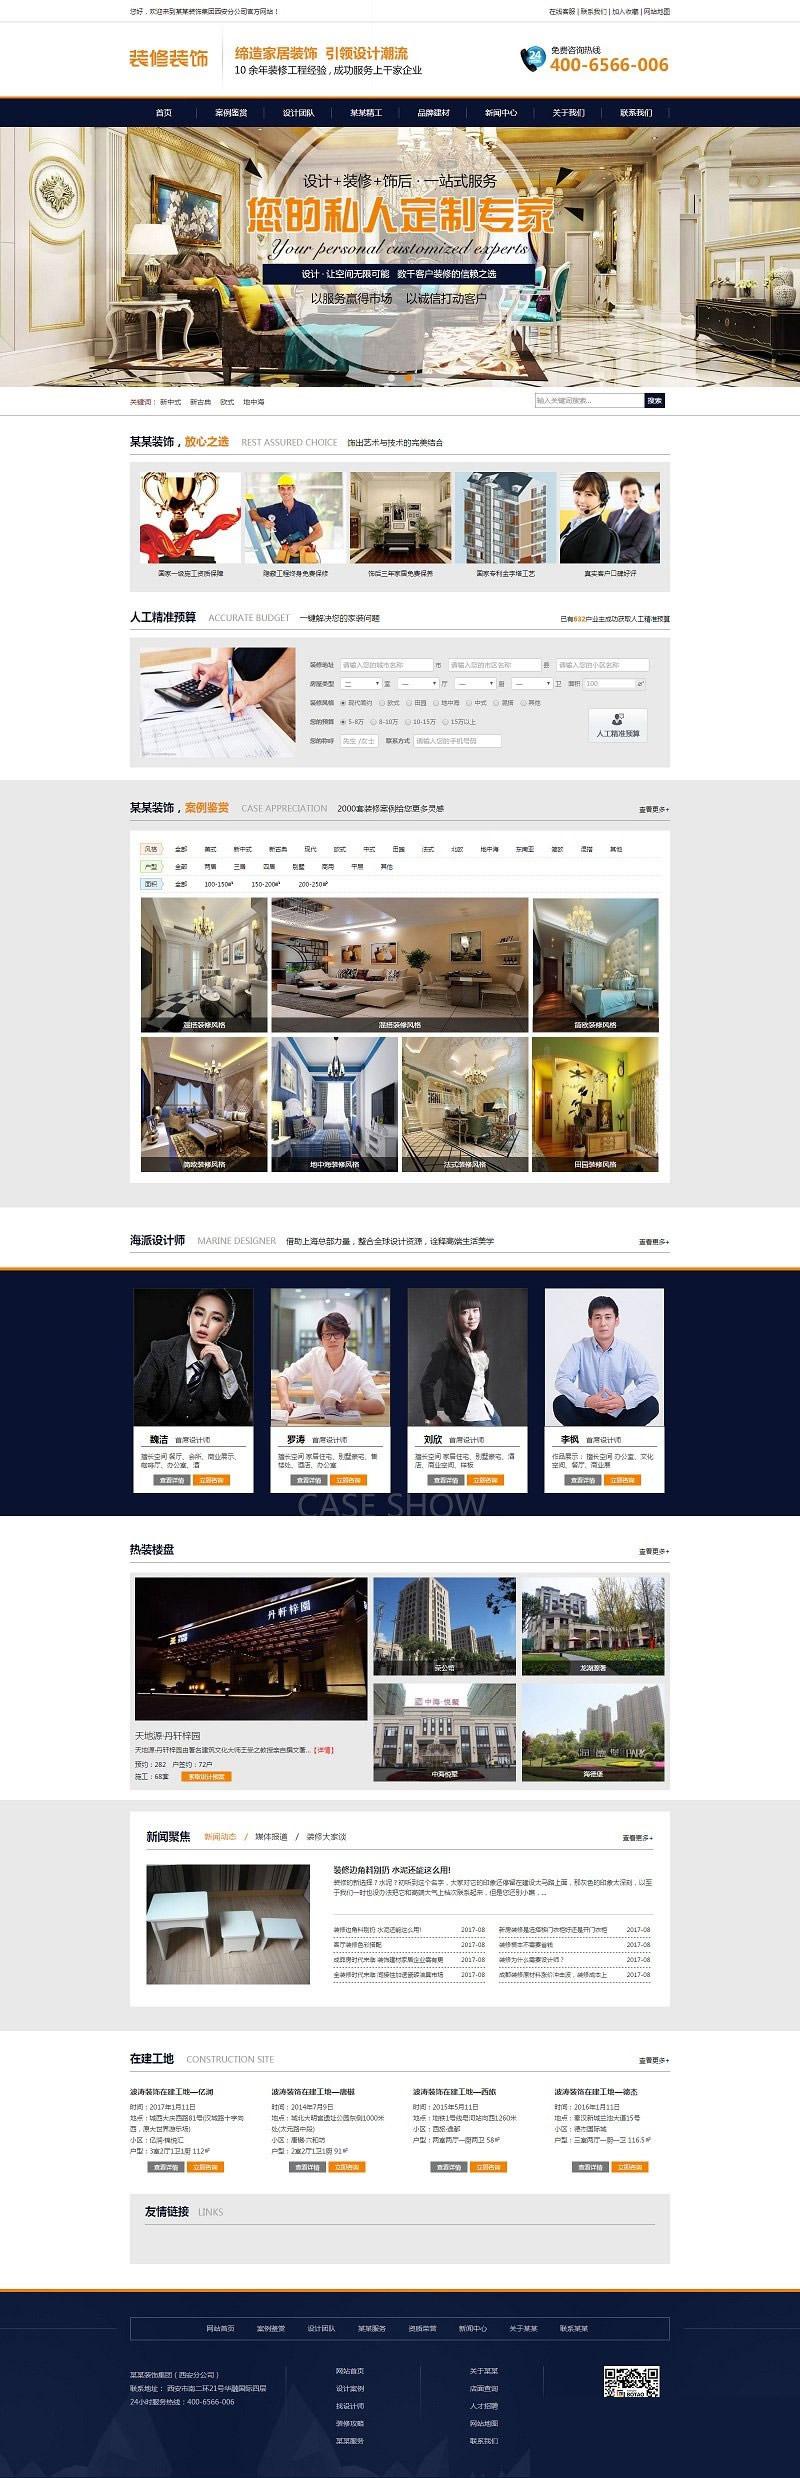 家居装饰装修工程公司网站源码 织梦dedecms模板 第1张